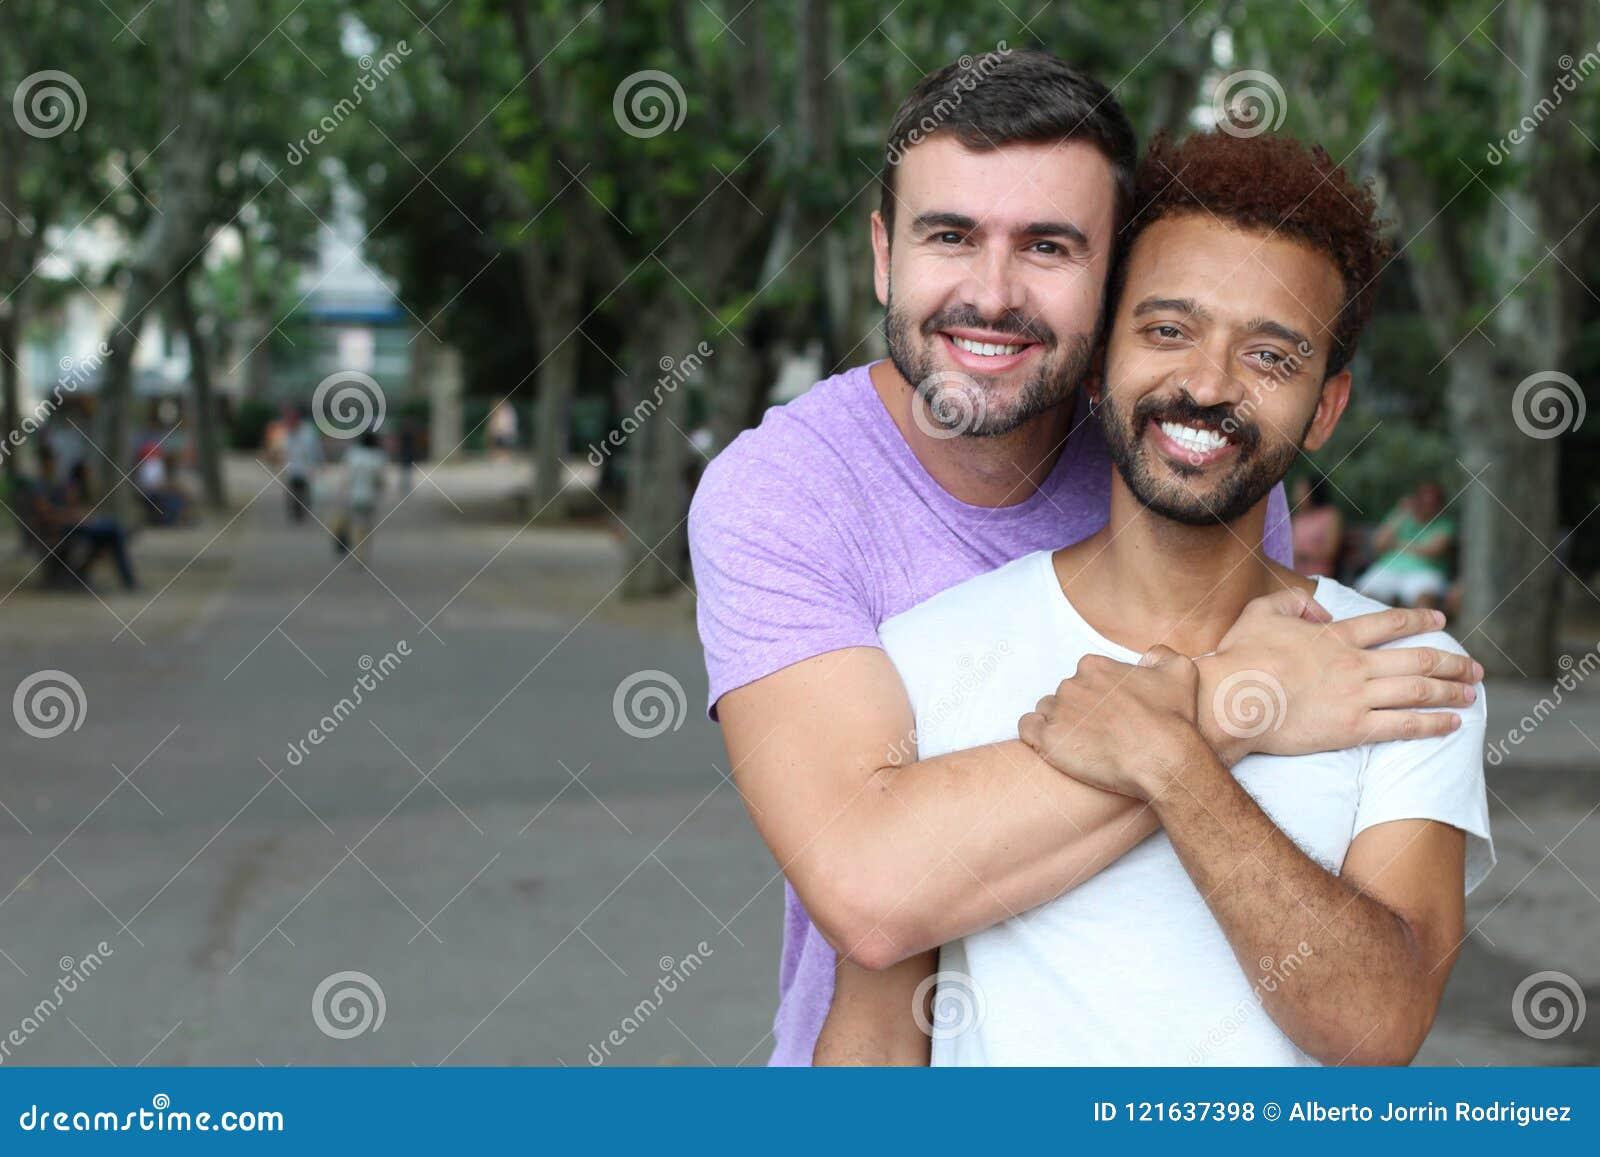 Imagen hermosa de pares gay